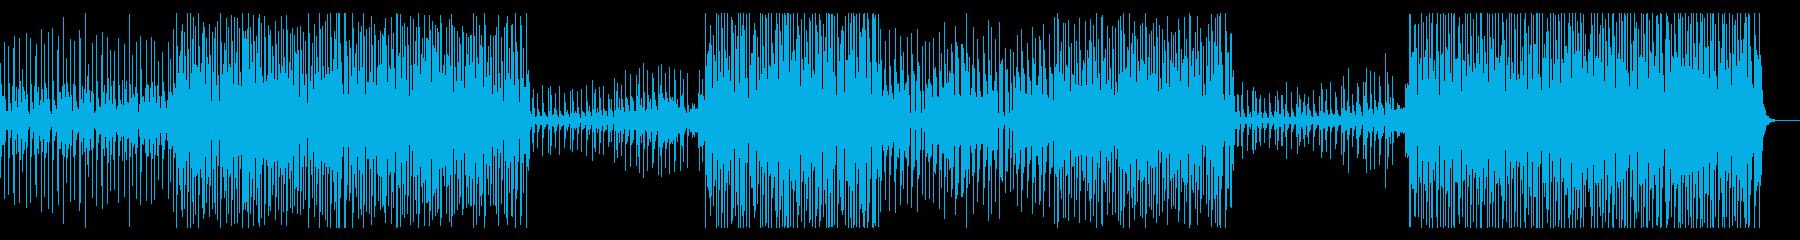 おしゃれ楽しい!男性Voトロピカルハウスの再生済みの波形